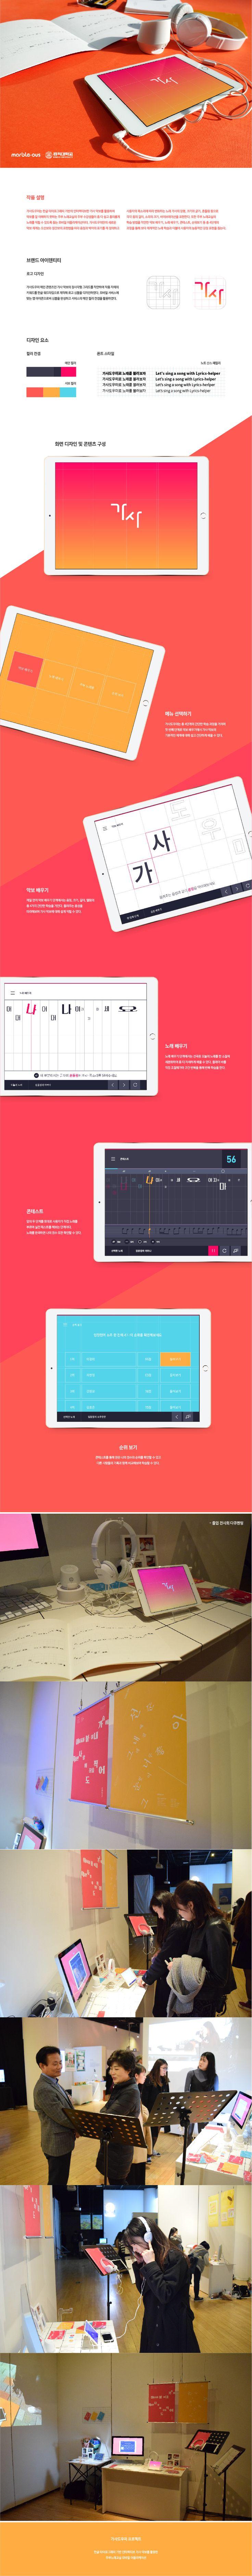 이정미, 최현정 | 가사도우미 | Major in Digital Media Design | #hicoda | hicoda.hongik.ac.kr